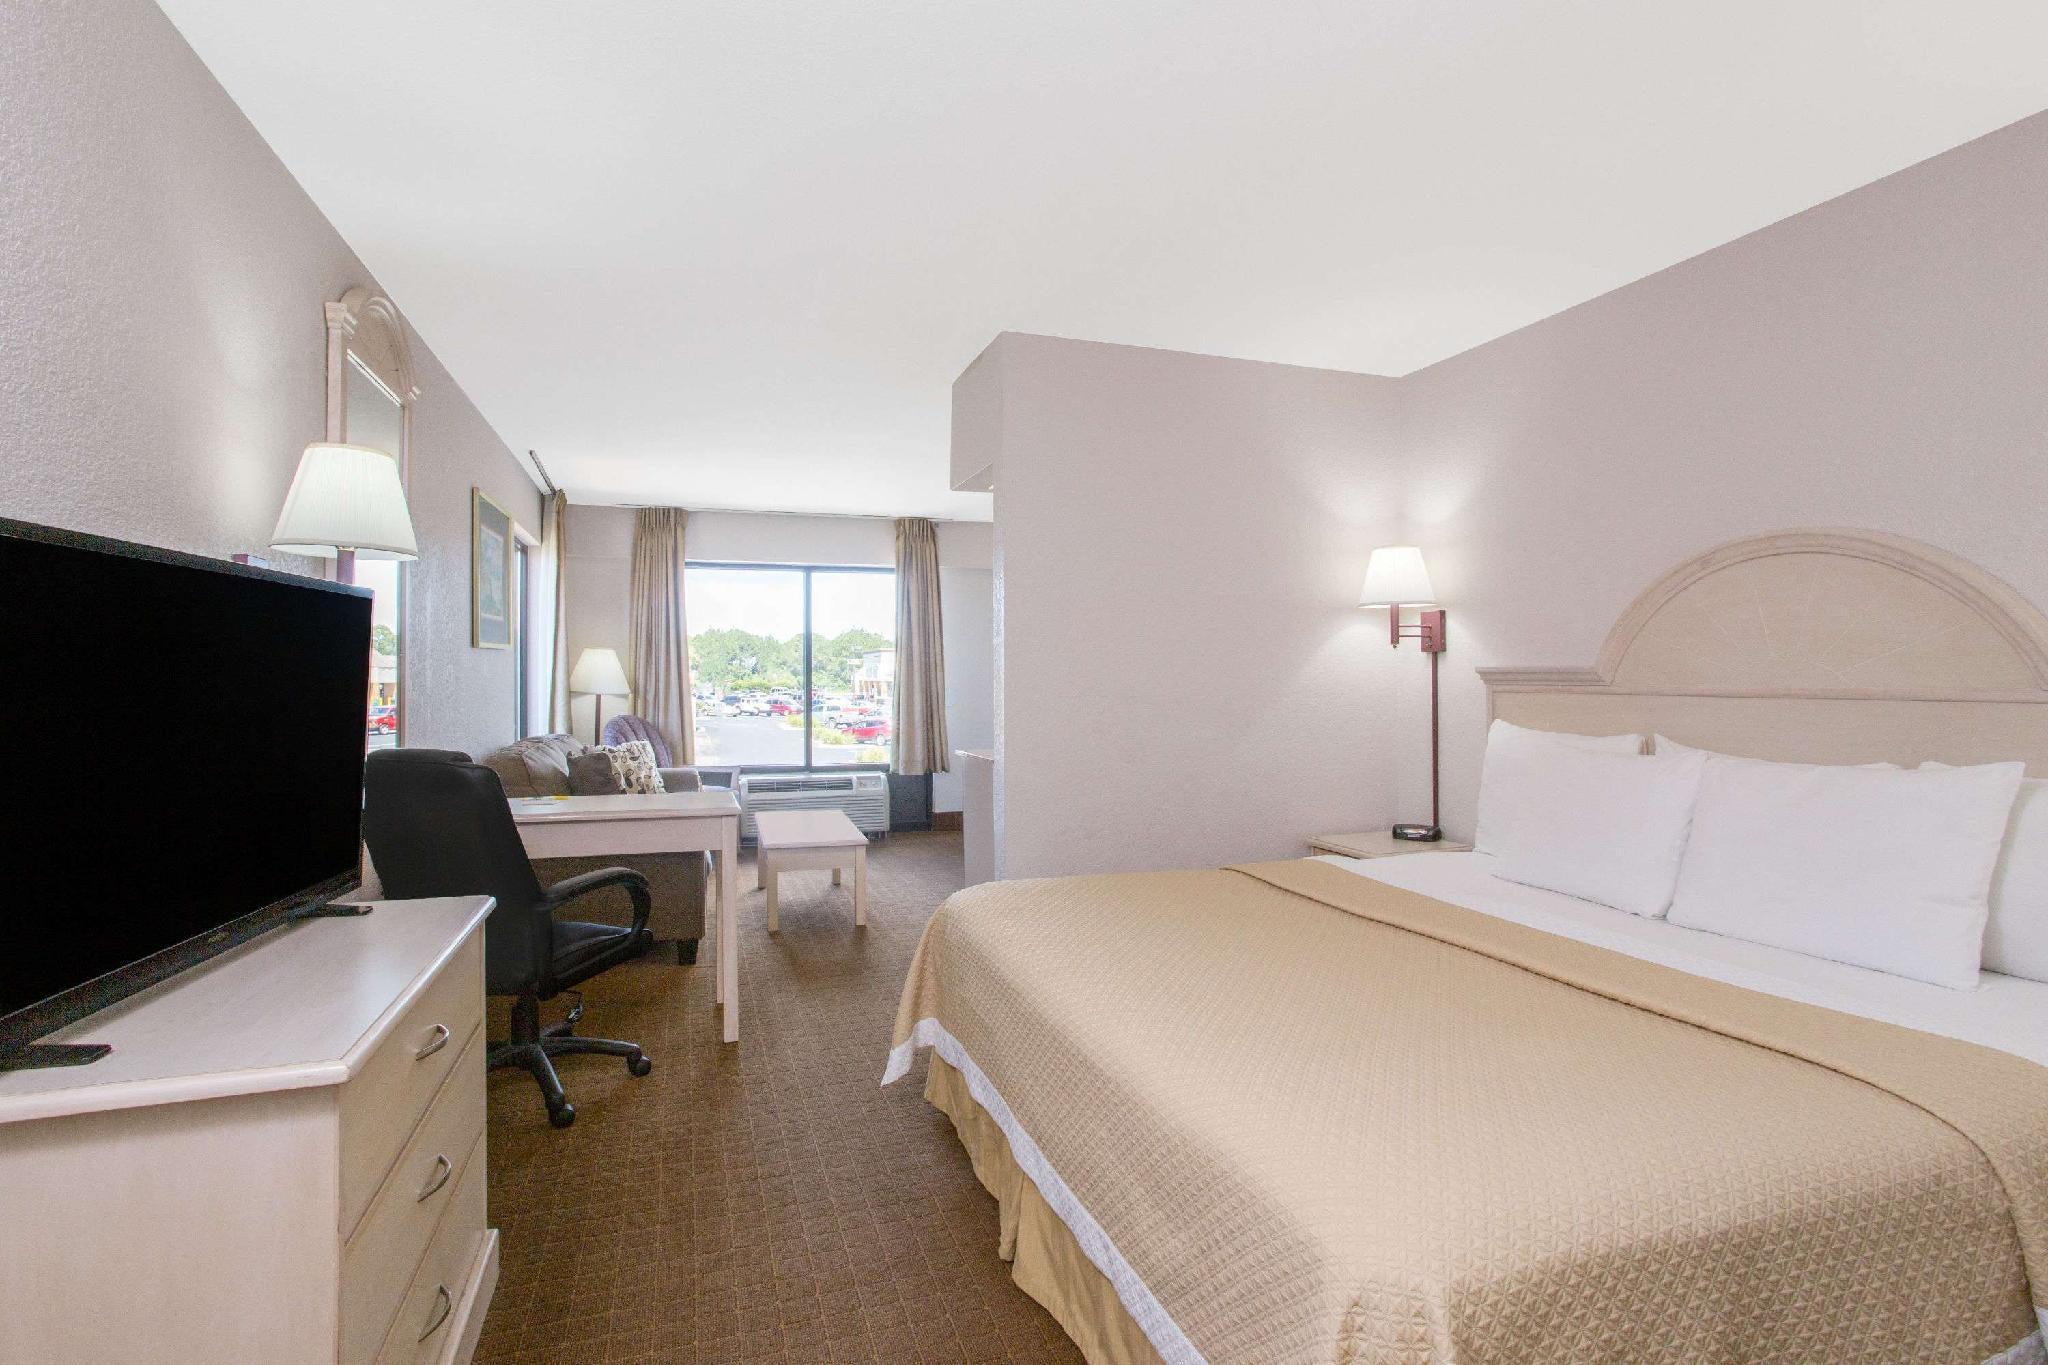 Days Inn Suites By Wyndham Navarre